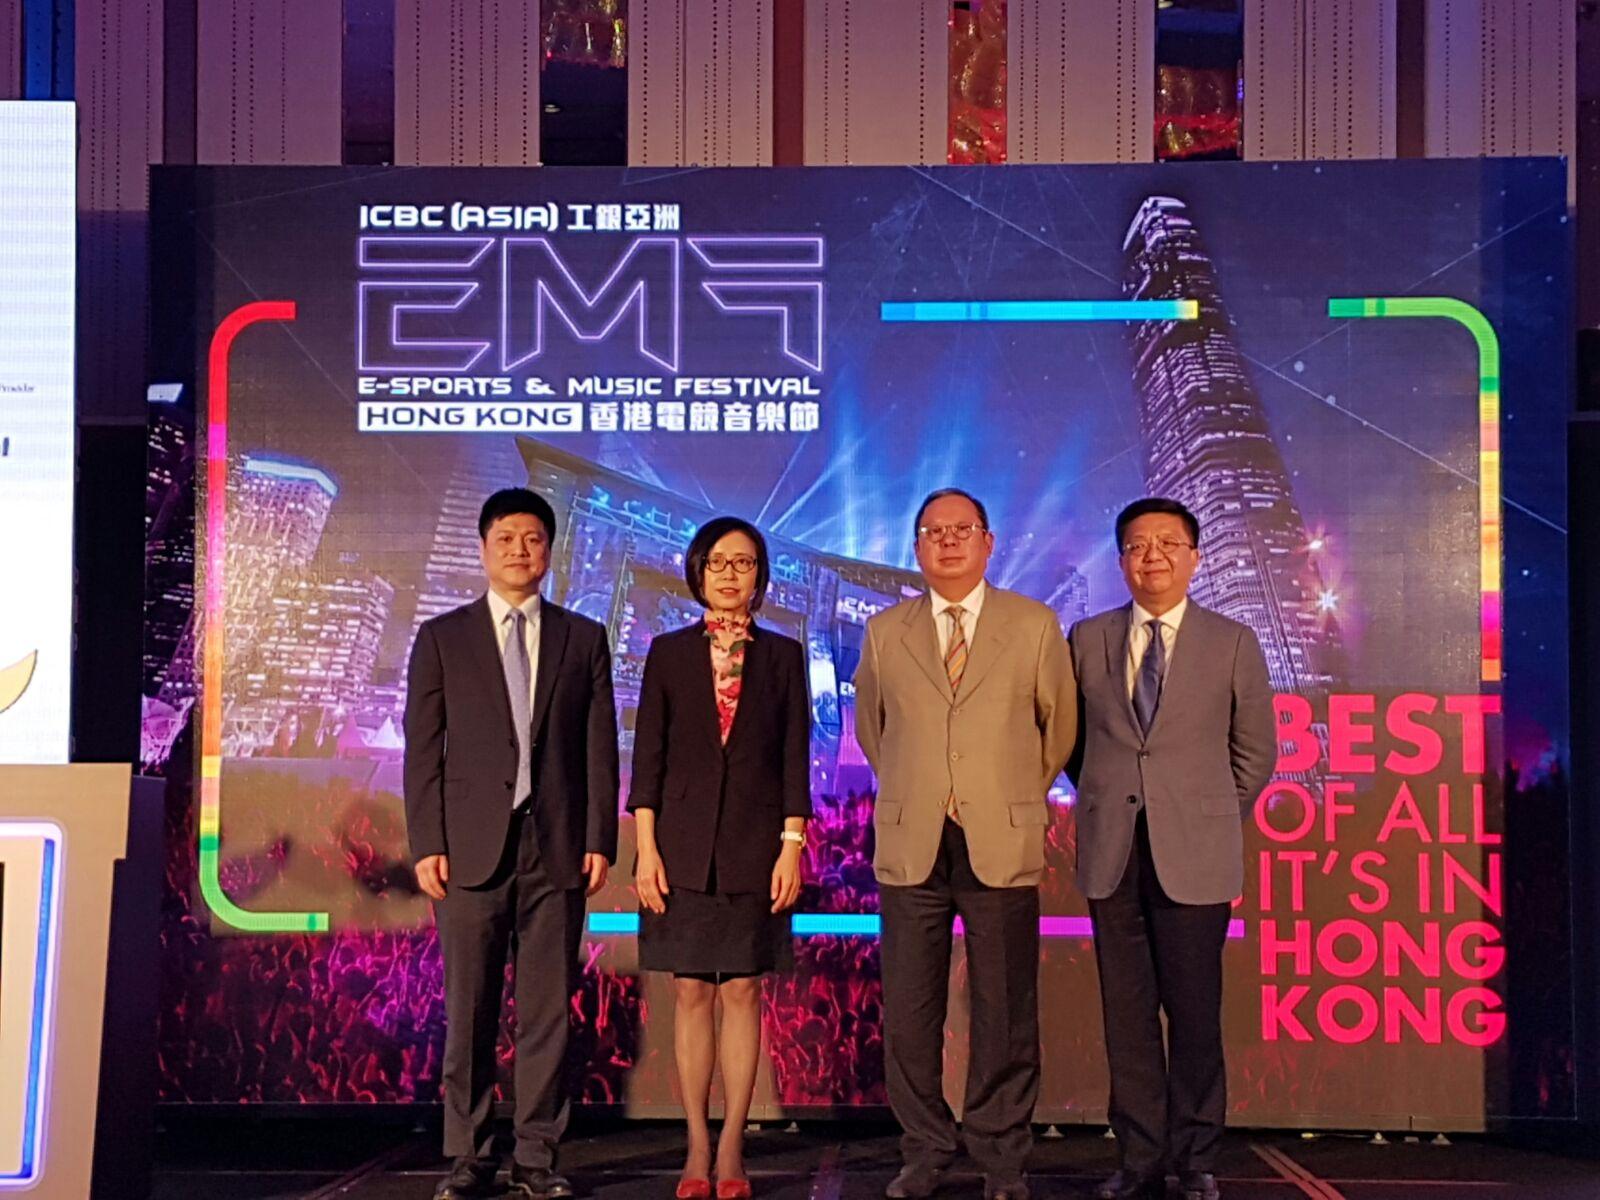 「香港電競音樂節」是首個集電競、音樂會及嘉年華於一身的大型活動。